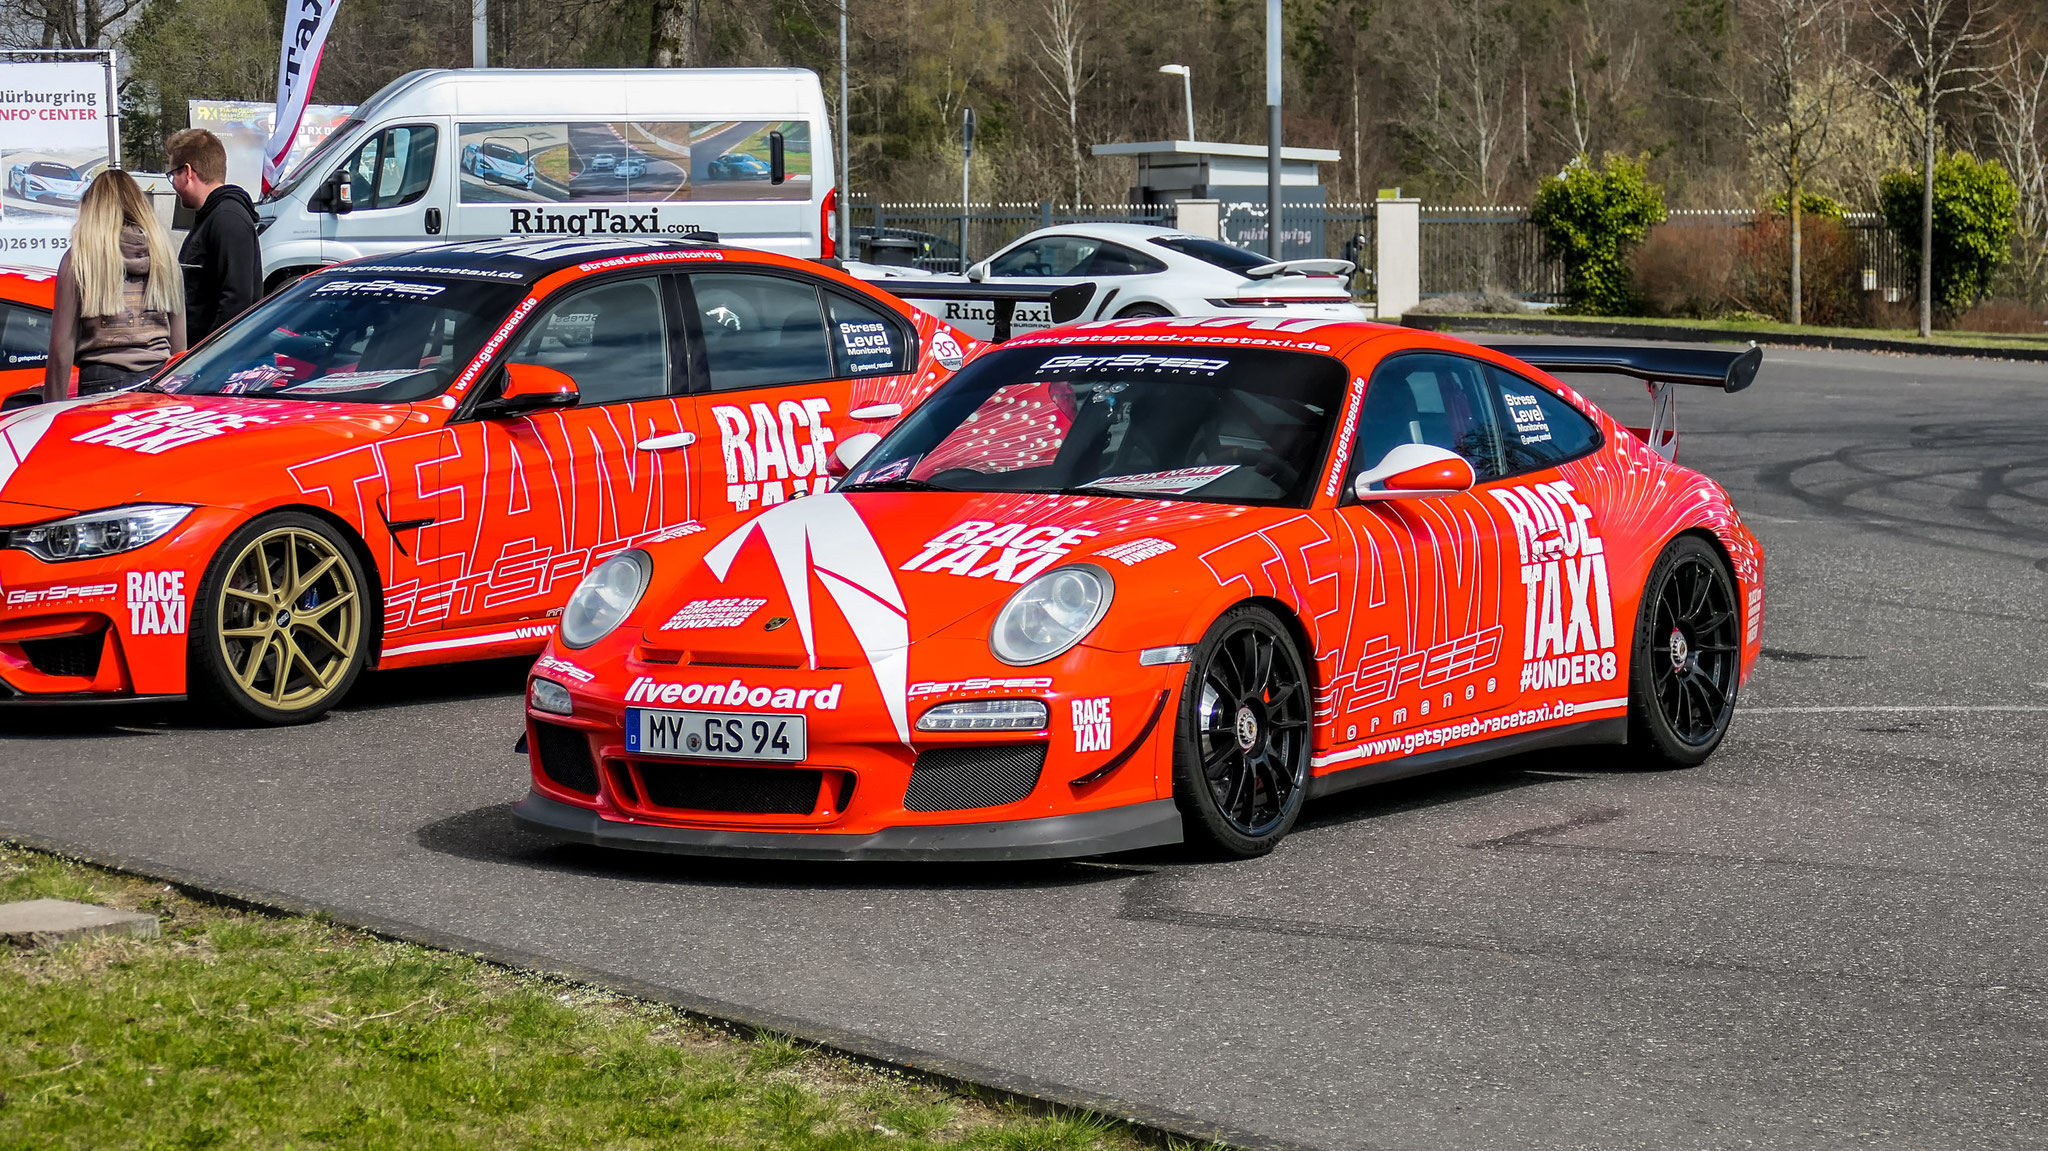 Porsche 911 997 GT3 RS - MY-GS-94